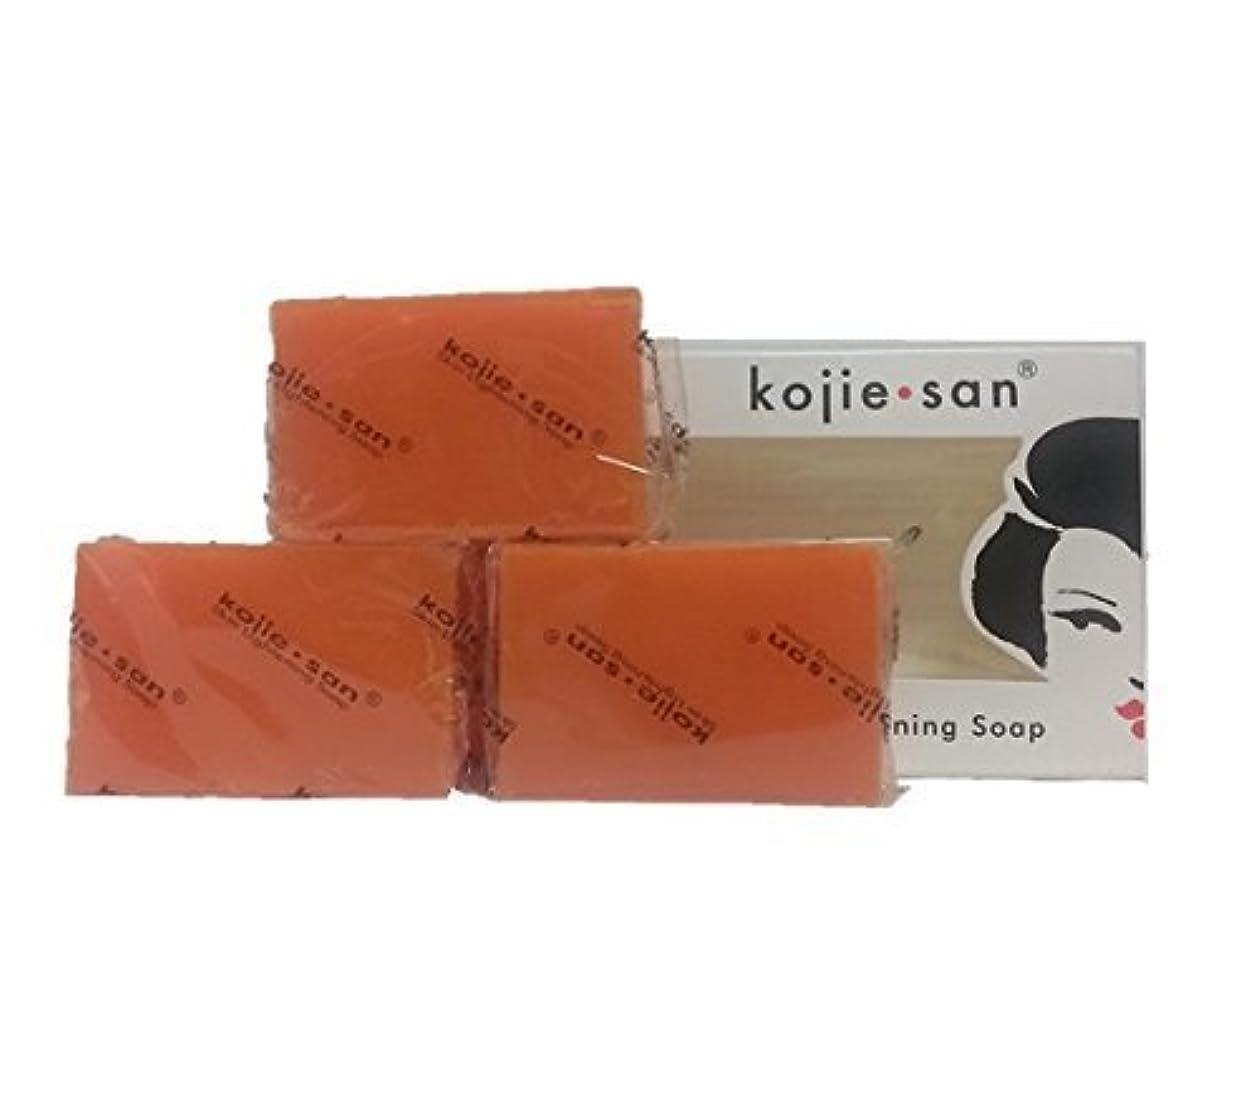 住居ハブブ姓Kojie san Skin Lightning Soap 3 pcs こじえさんスキンライトニングソープ3個パック [並行輸入品]